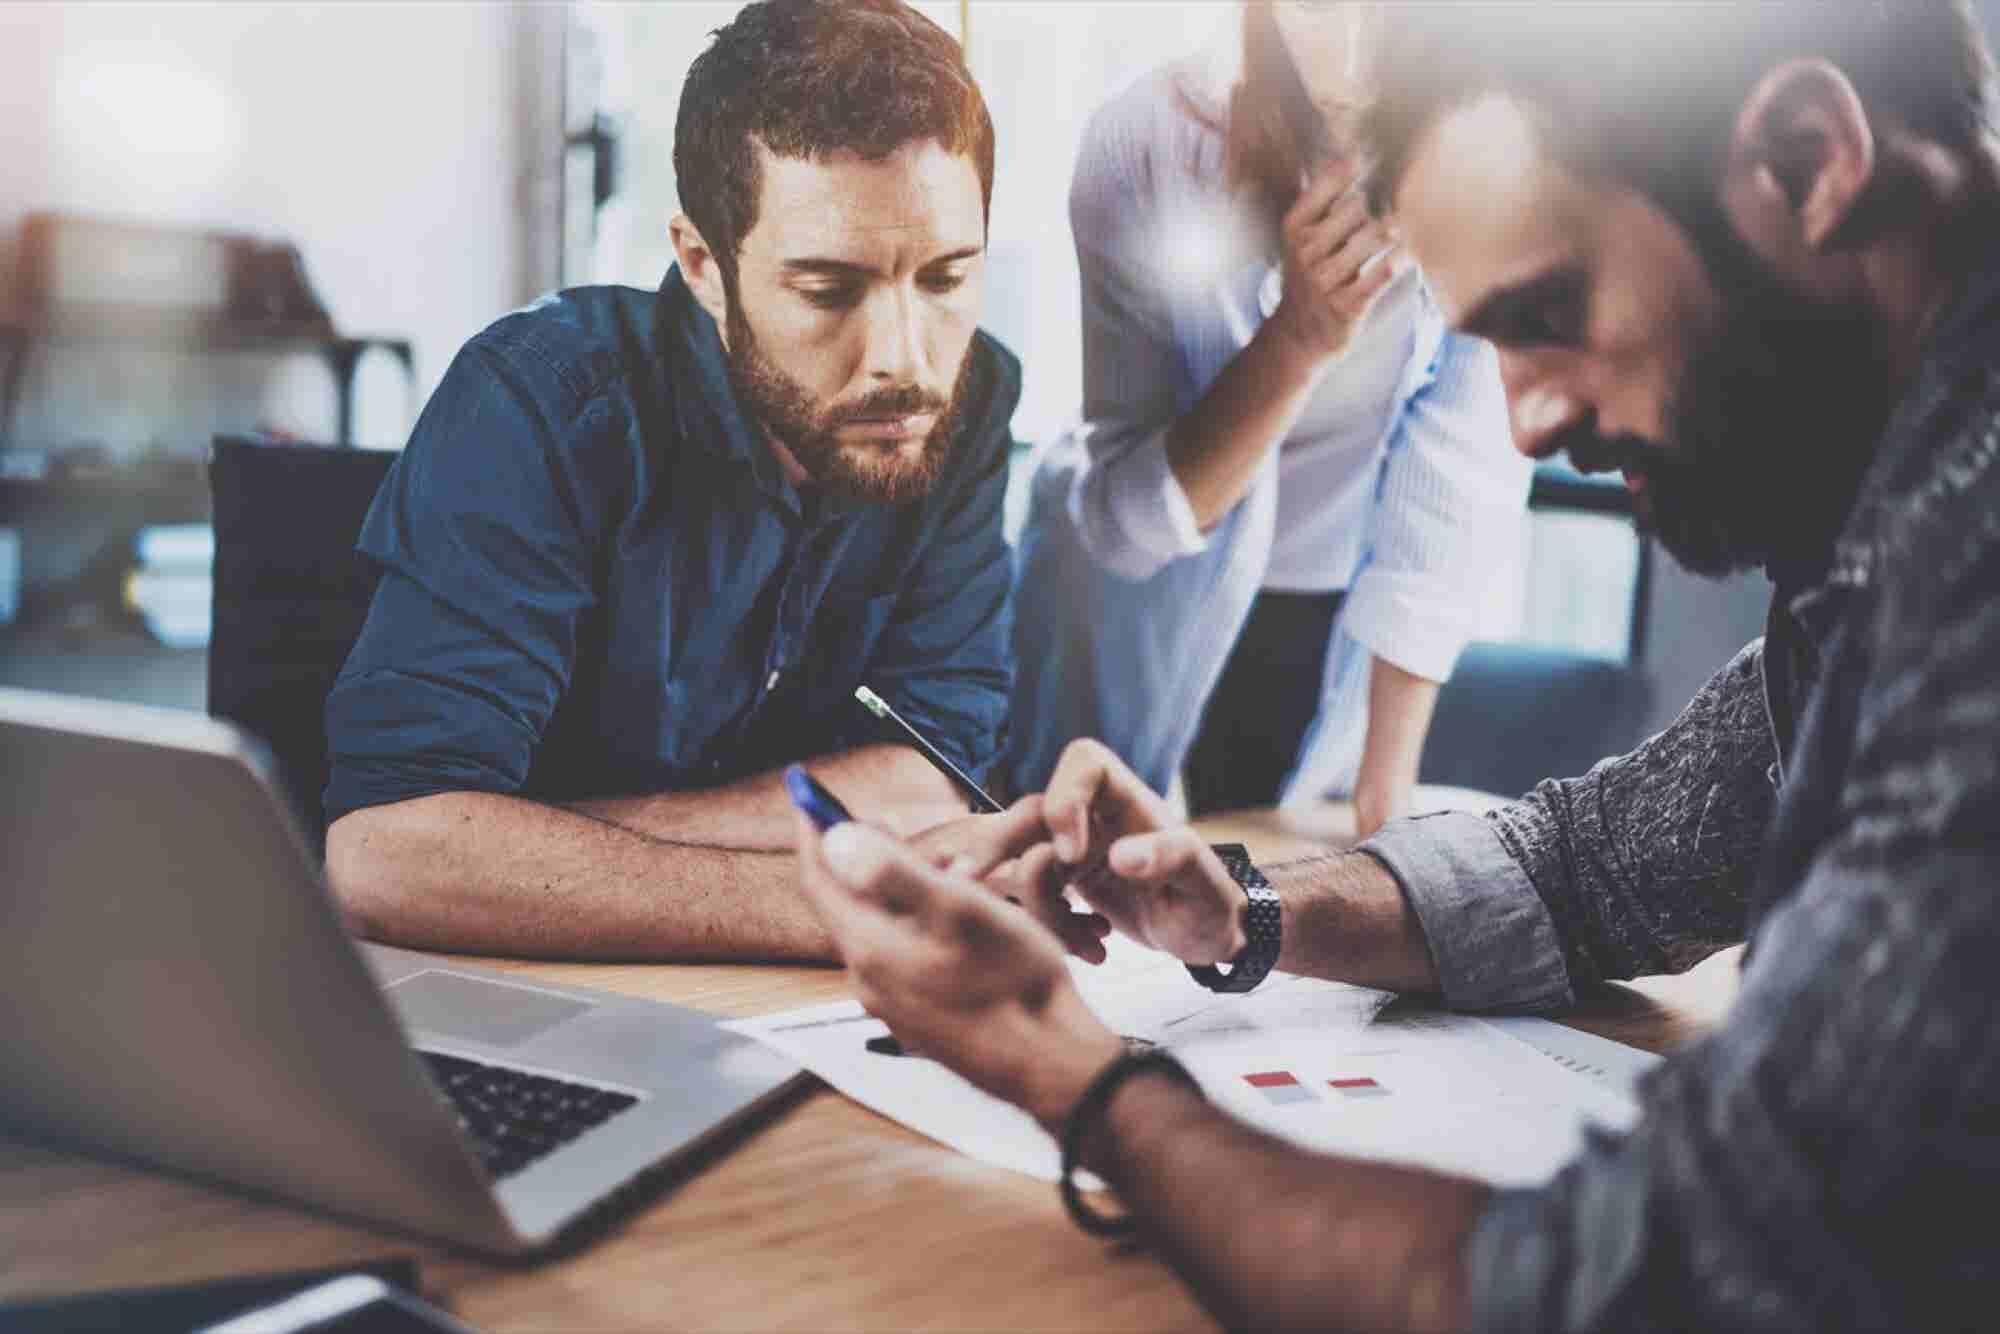 Social Development : Time for Social Entrepreneurship to Take Off